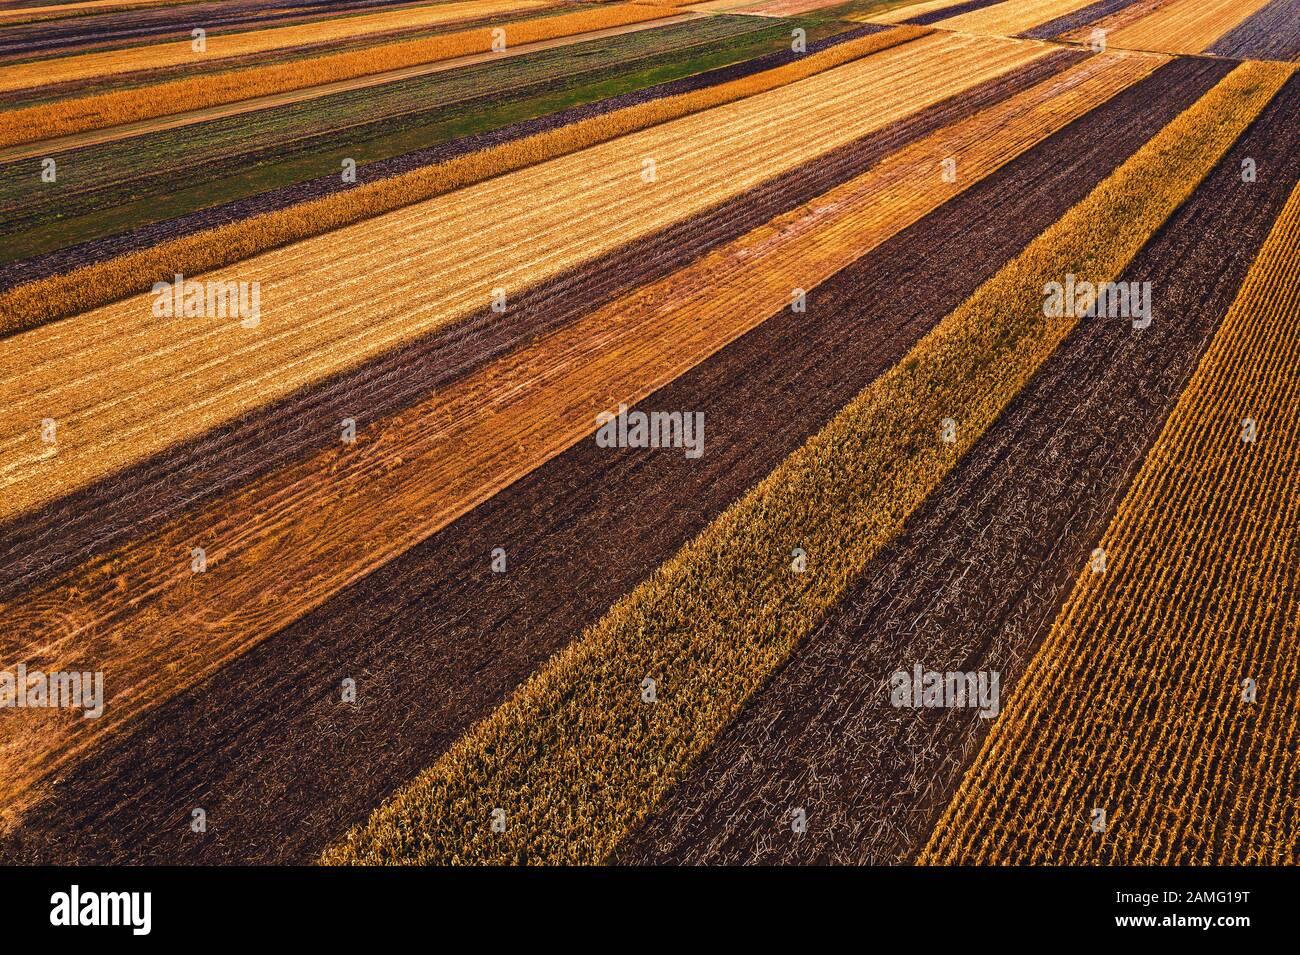 Champs agricoles d'en haut, photographie de drone. Vue aérienne des patchwork colorés de la campagne qui s'estomisent dans une perspective décroissante, Banque D'Images